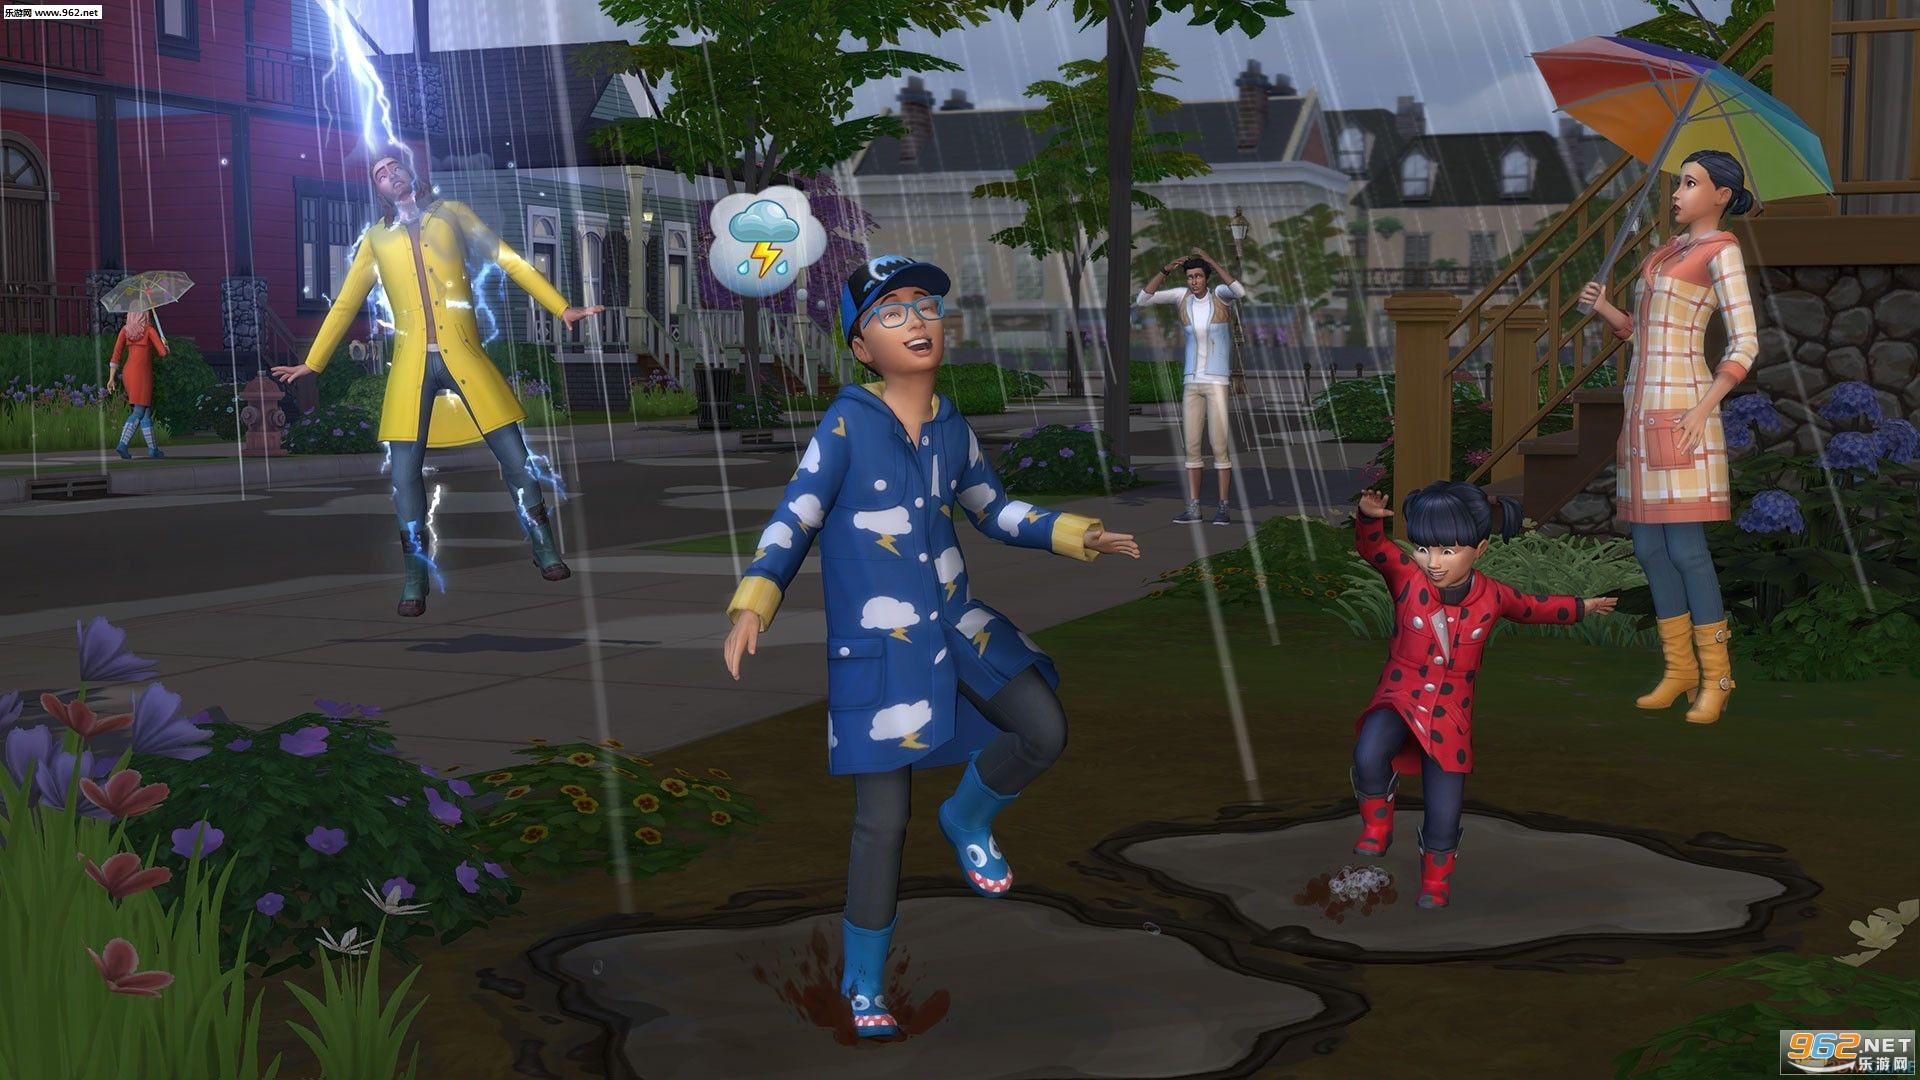 模拟人生4:春夏秋冬(The Sims 4: Seasons)DLC合集版截图0